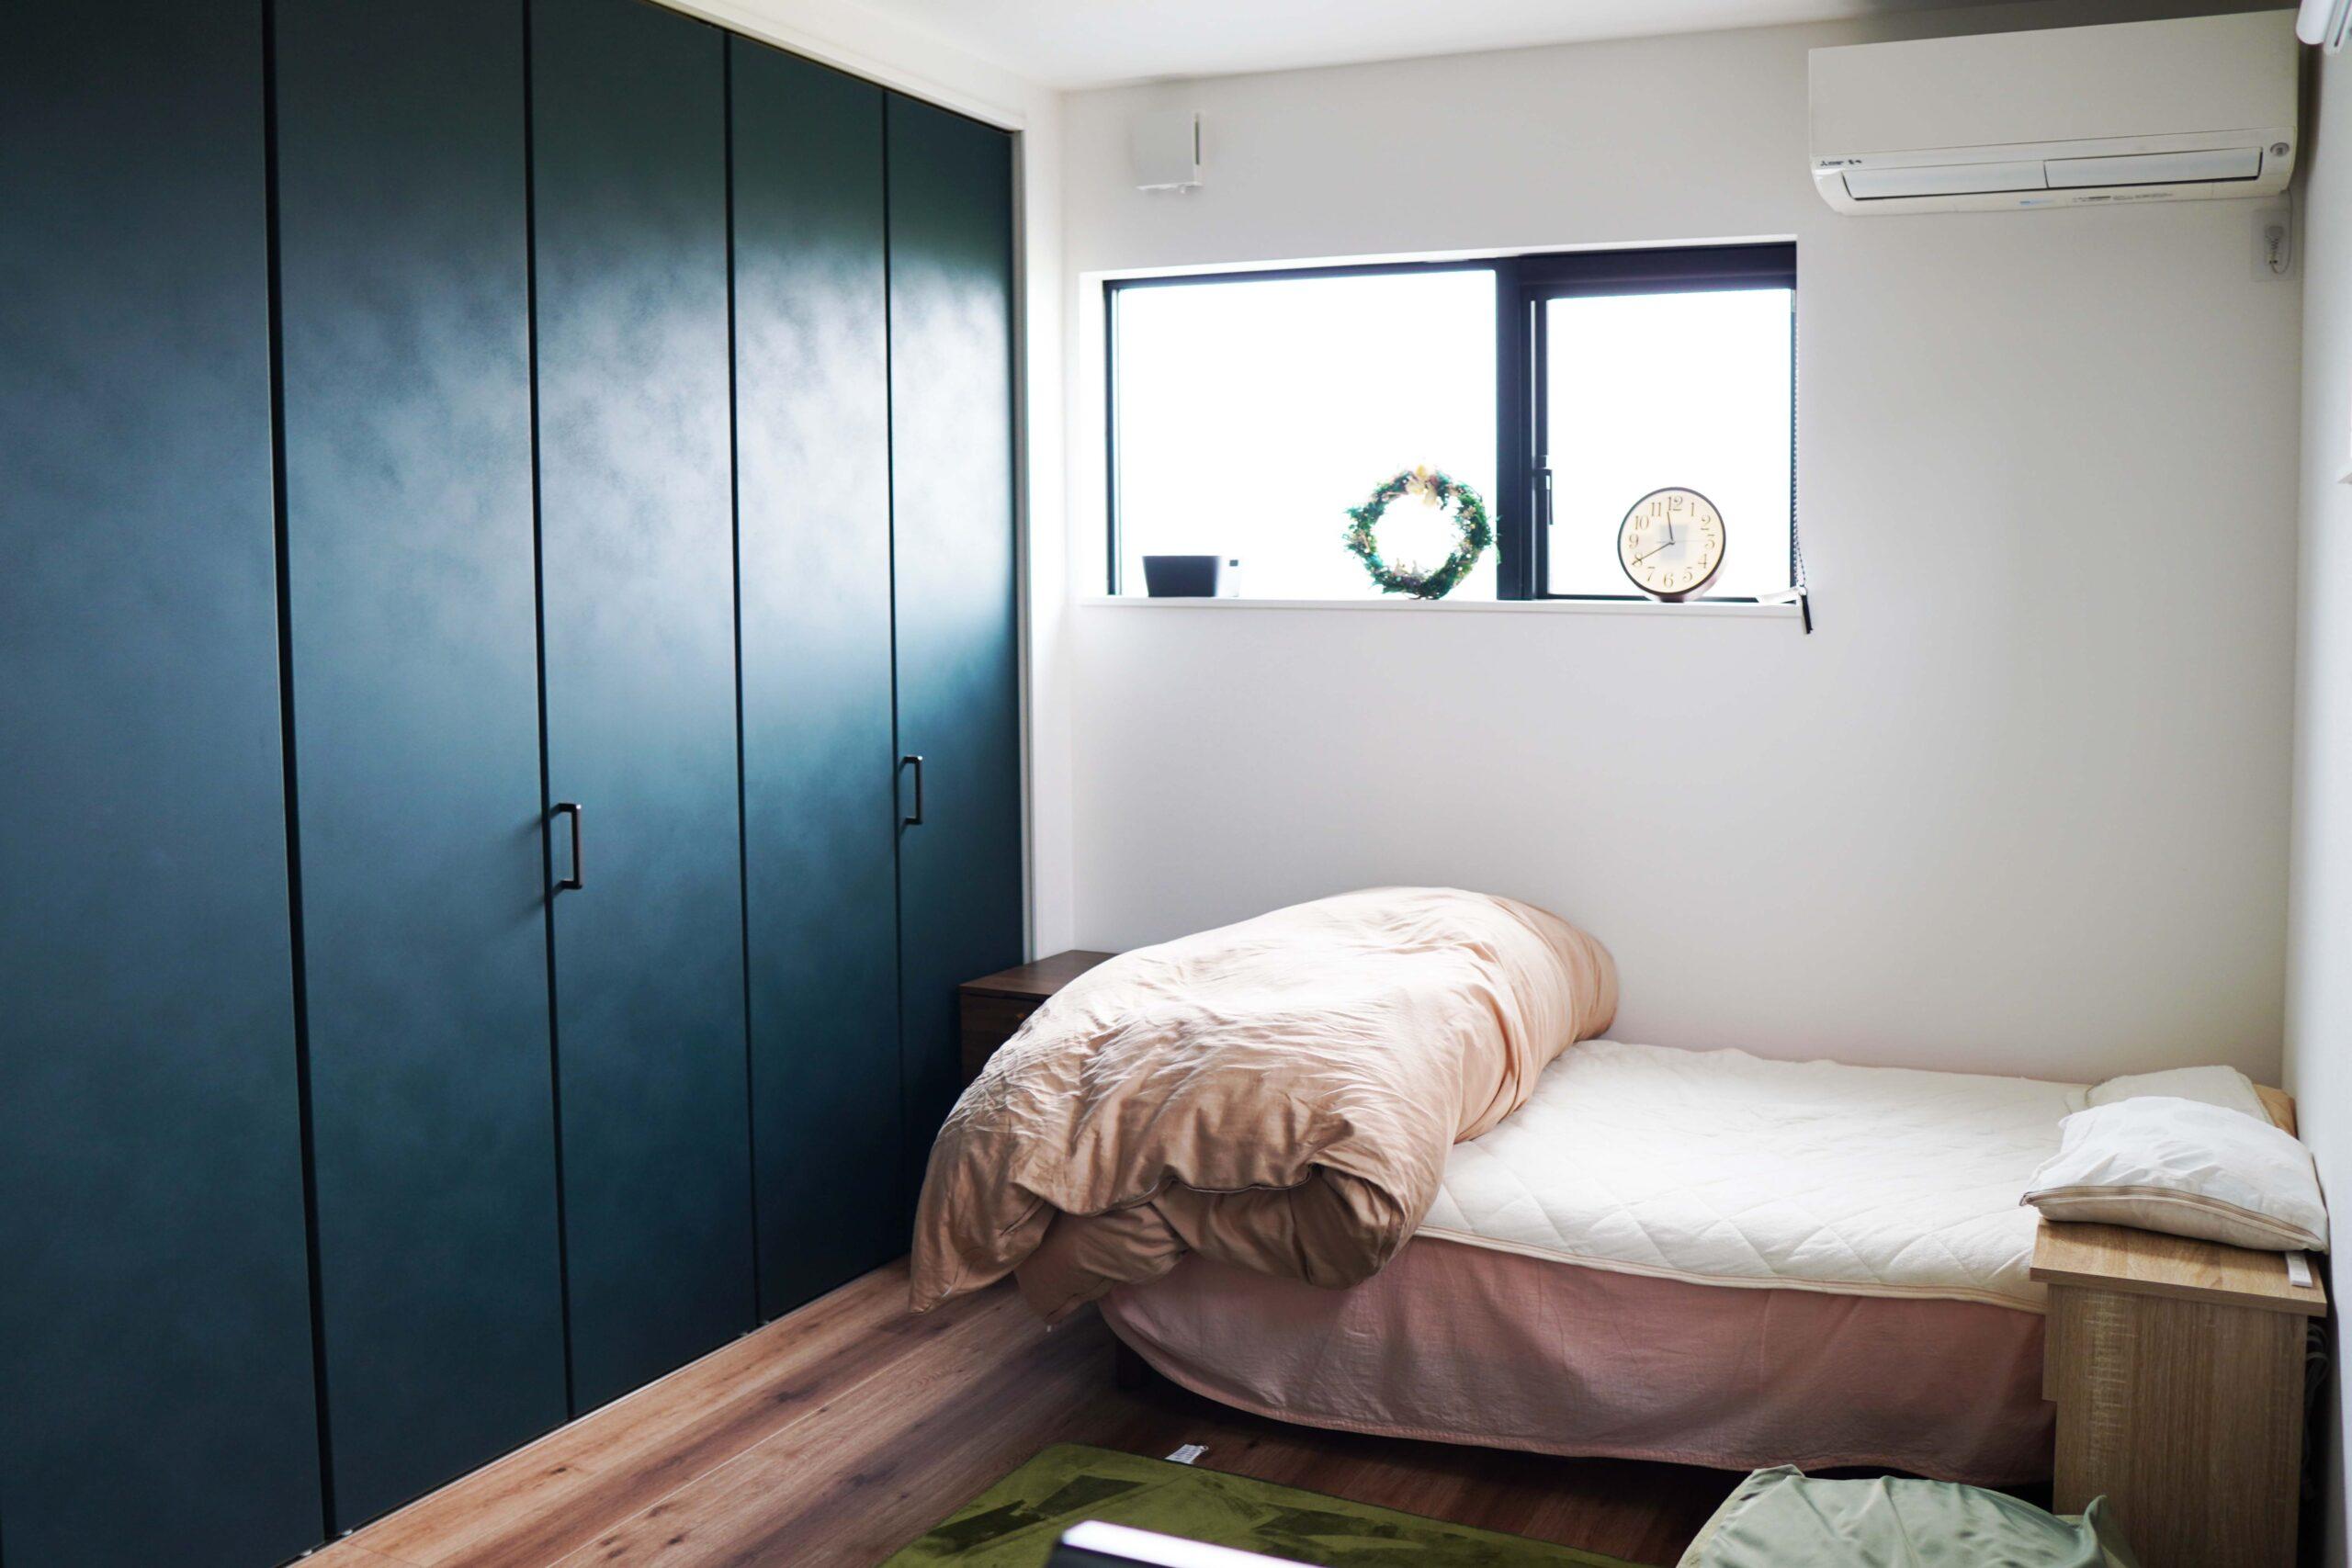 寝室のクローゼットの扉には深い緑を選び、お部屋のアクセントになった。壁一面に収納を設置することで、隣の部屋との防音効果にもなりゆっくりと寛げる寝室に仕上がった。